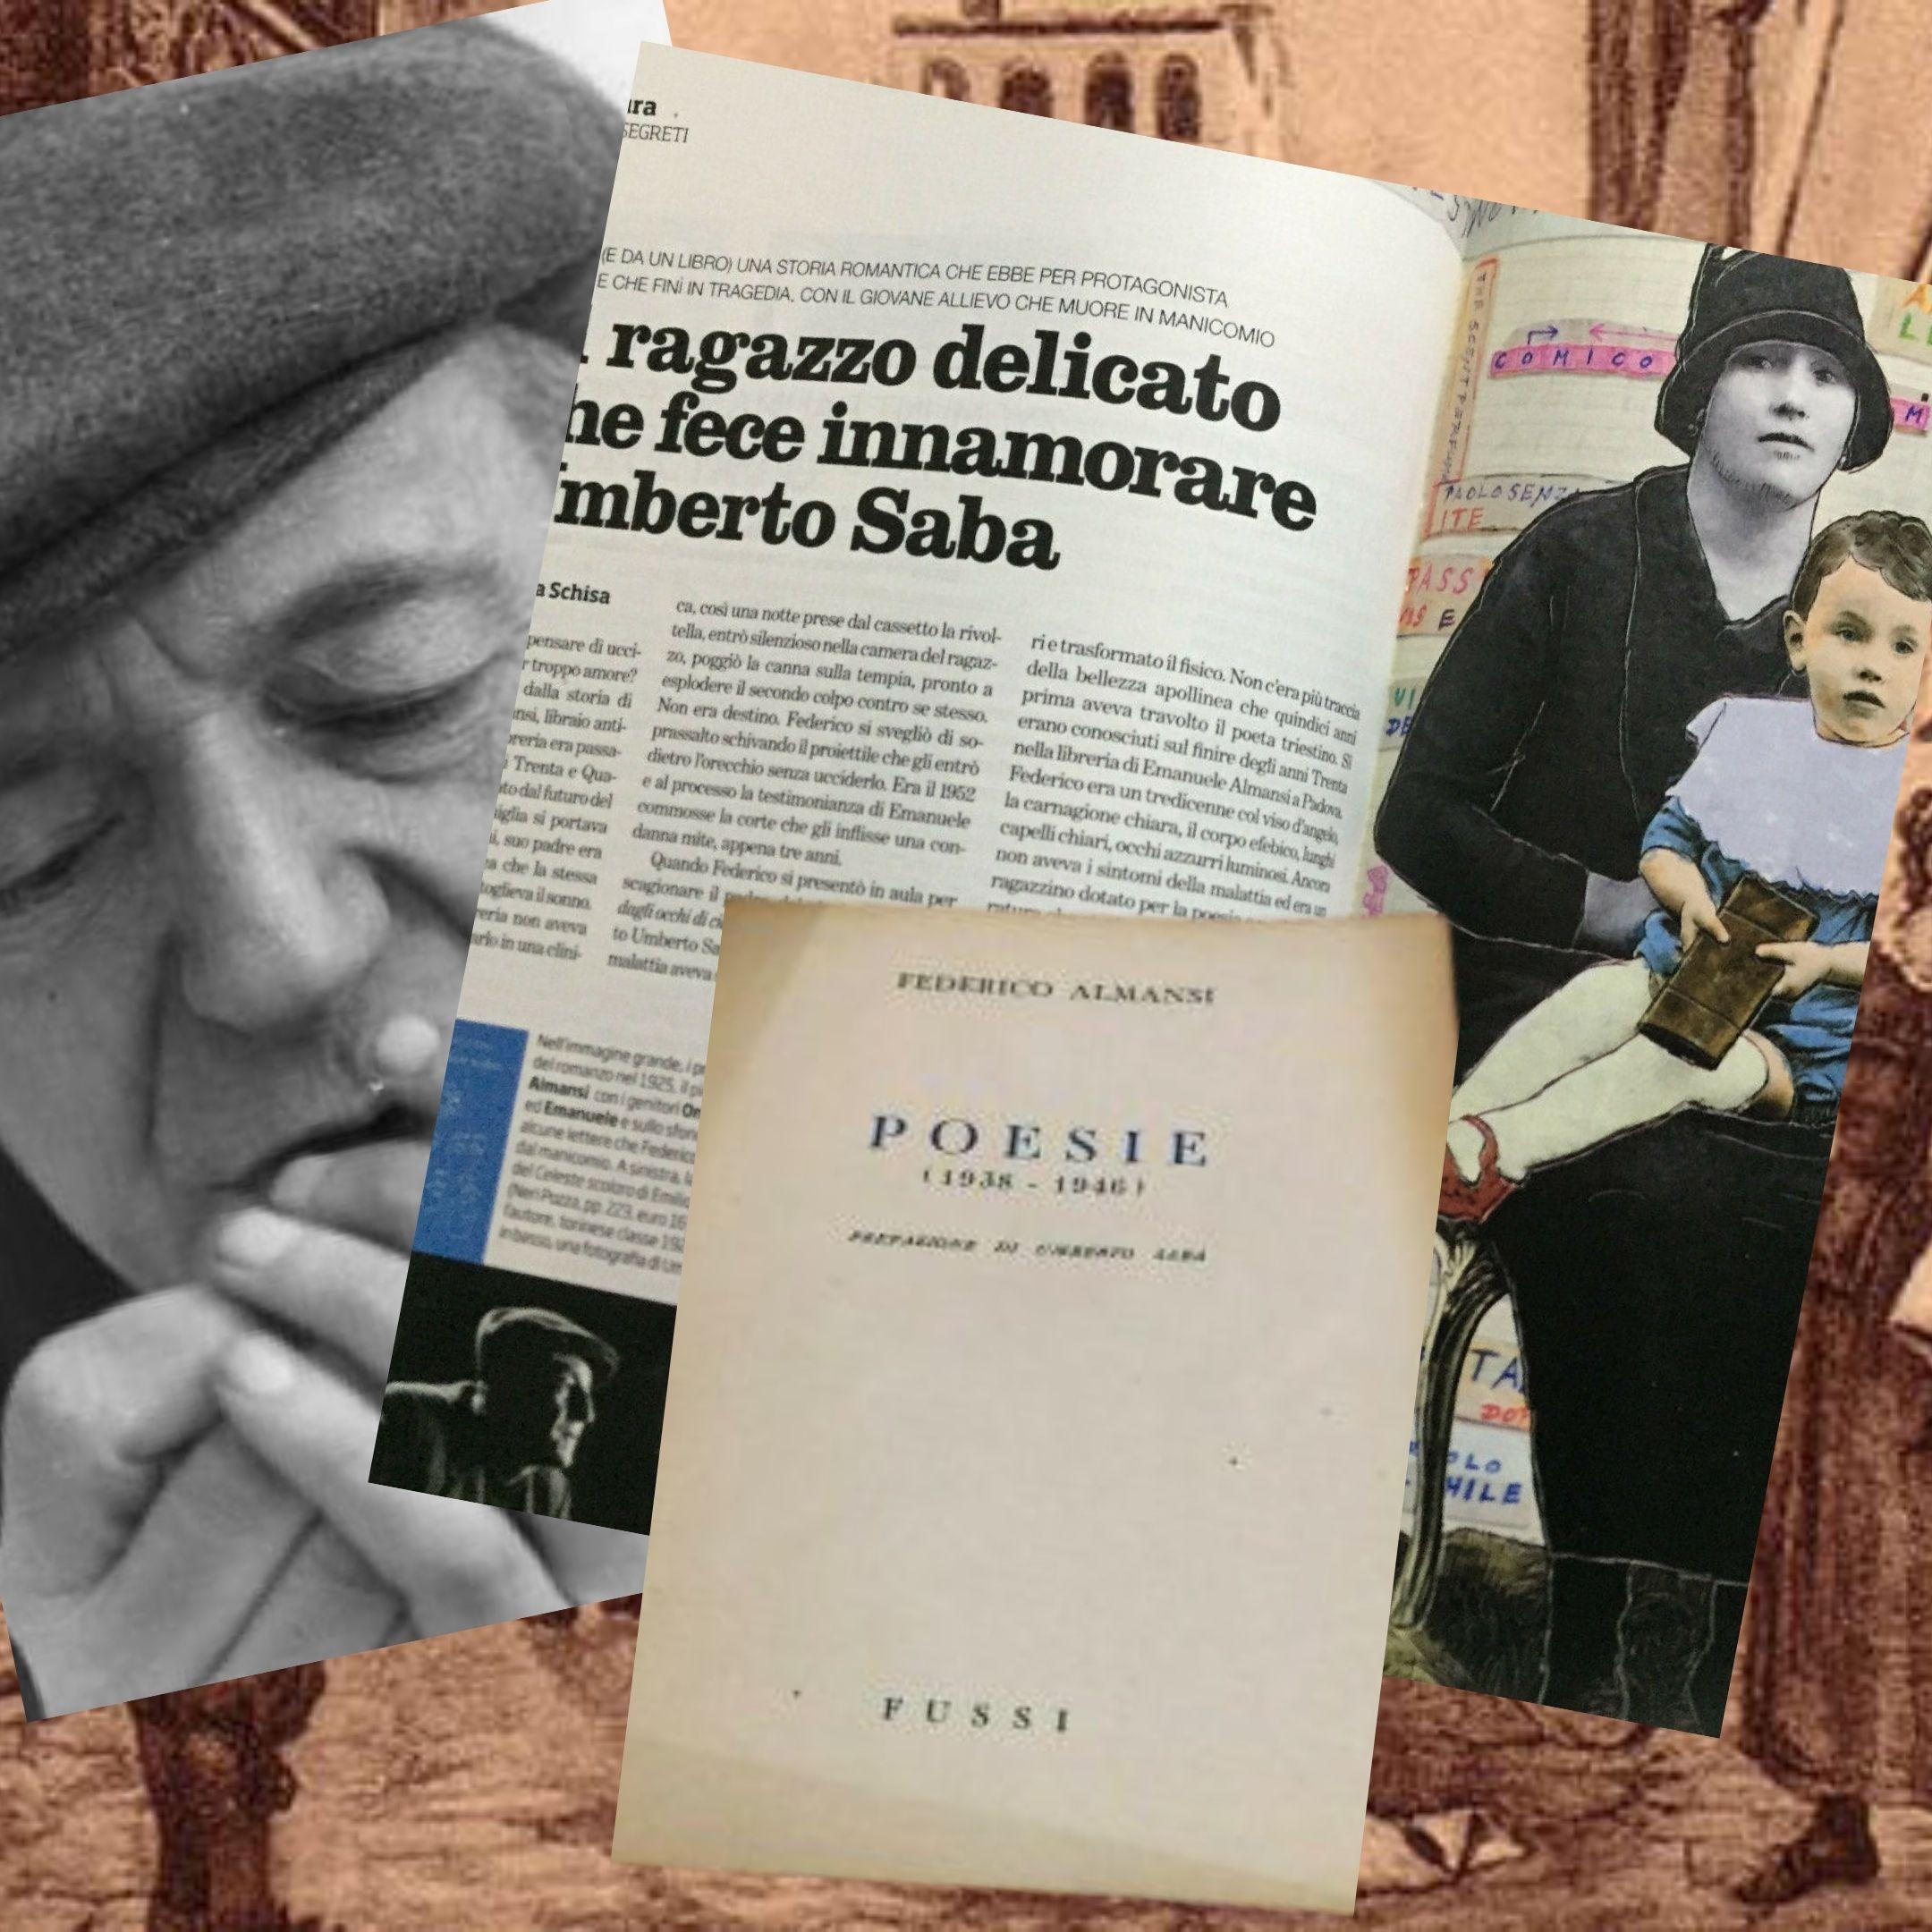 """Venduto su eBay: """"Poesie"""" di Federico Almansi, il libro del pupillo di Umberto Saba"""